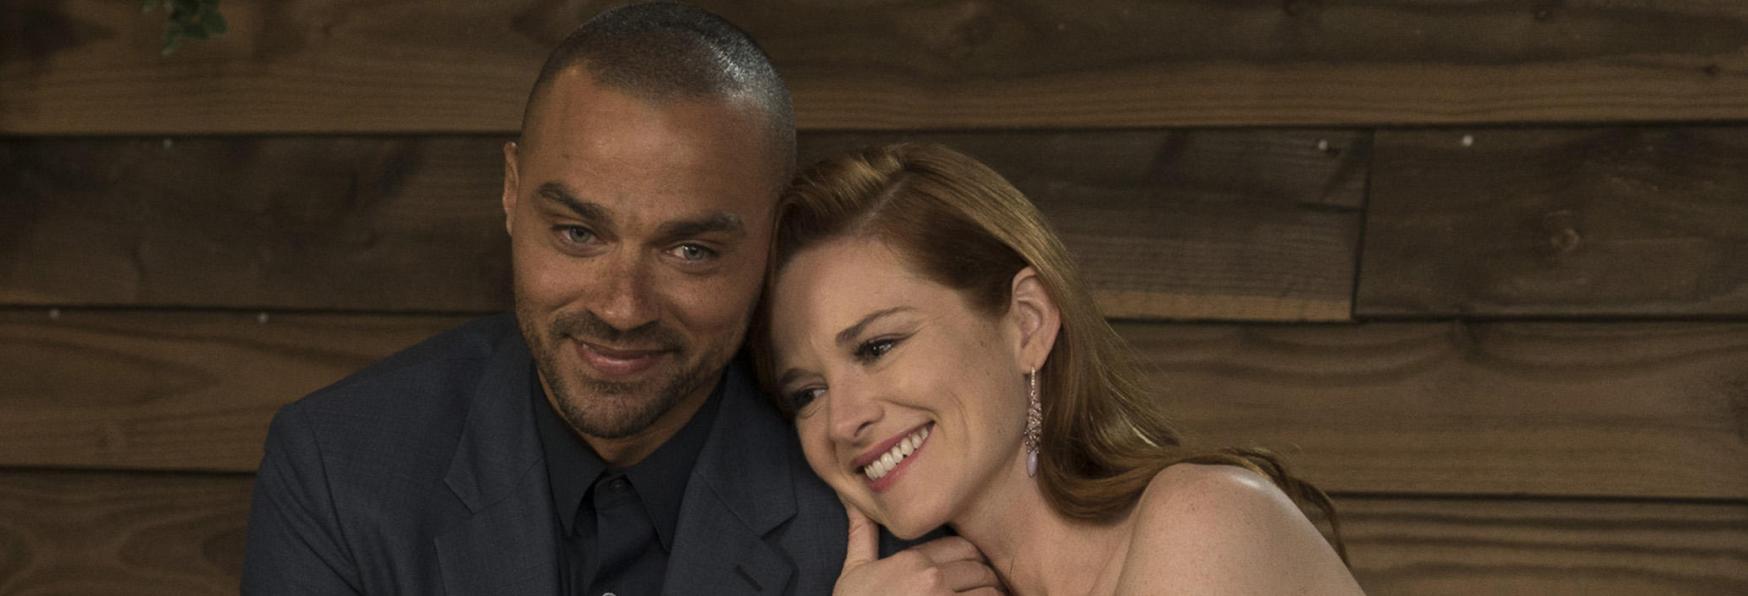 Grey's Anatomy 17: Sarah Drew annuncia il suo Ritorno nella Serie TV. Scopri quando avverrà!